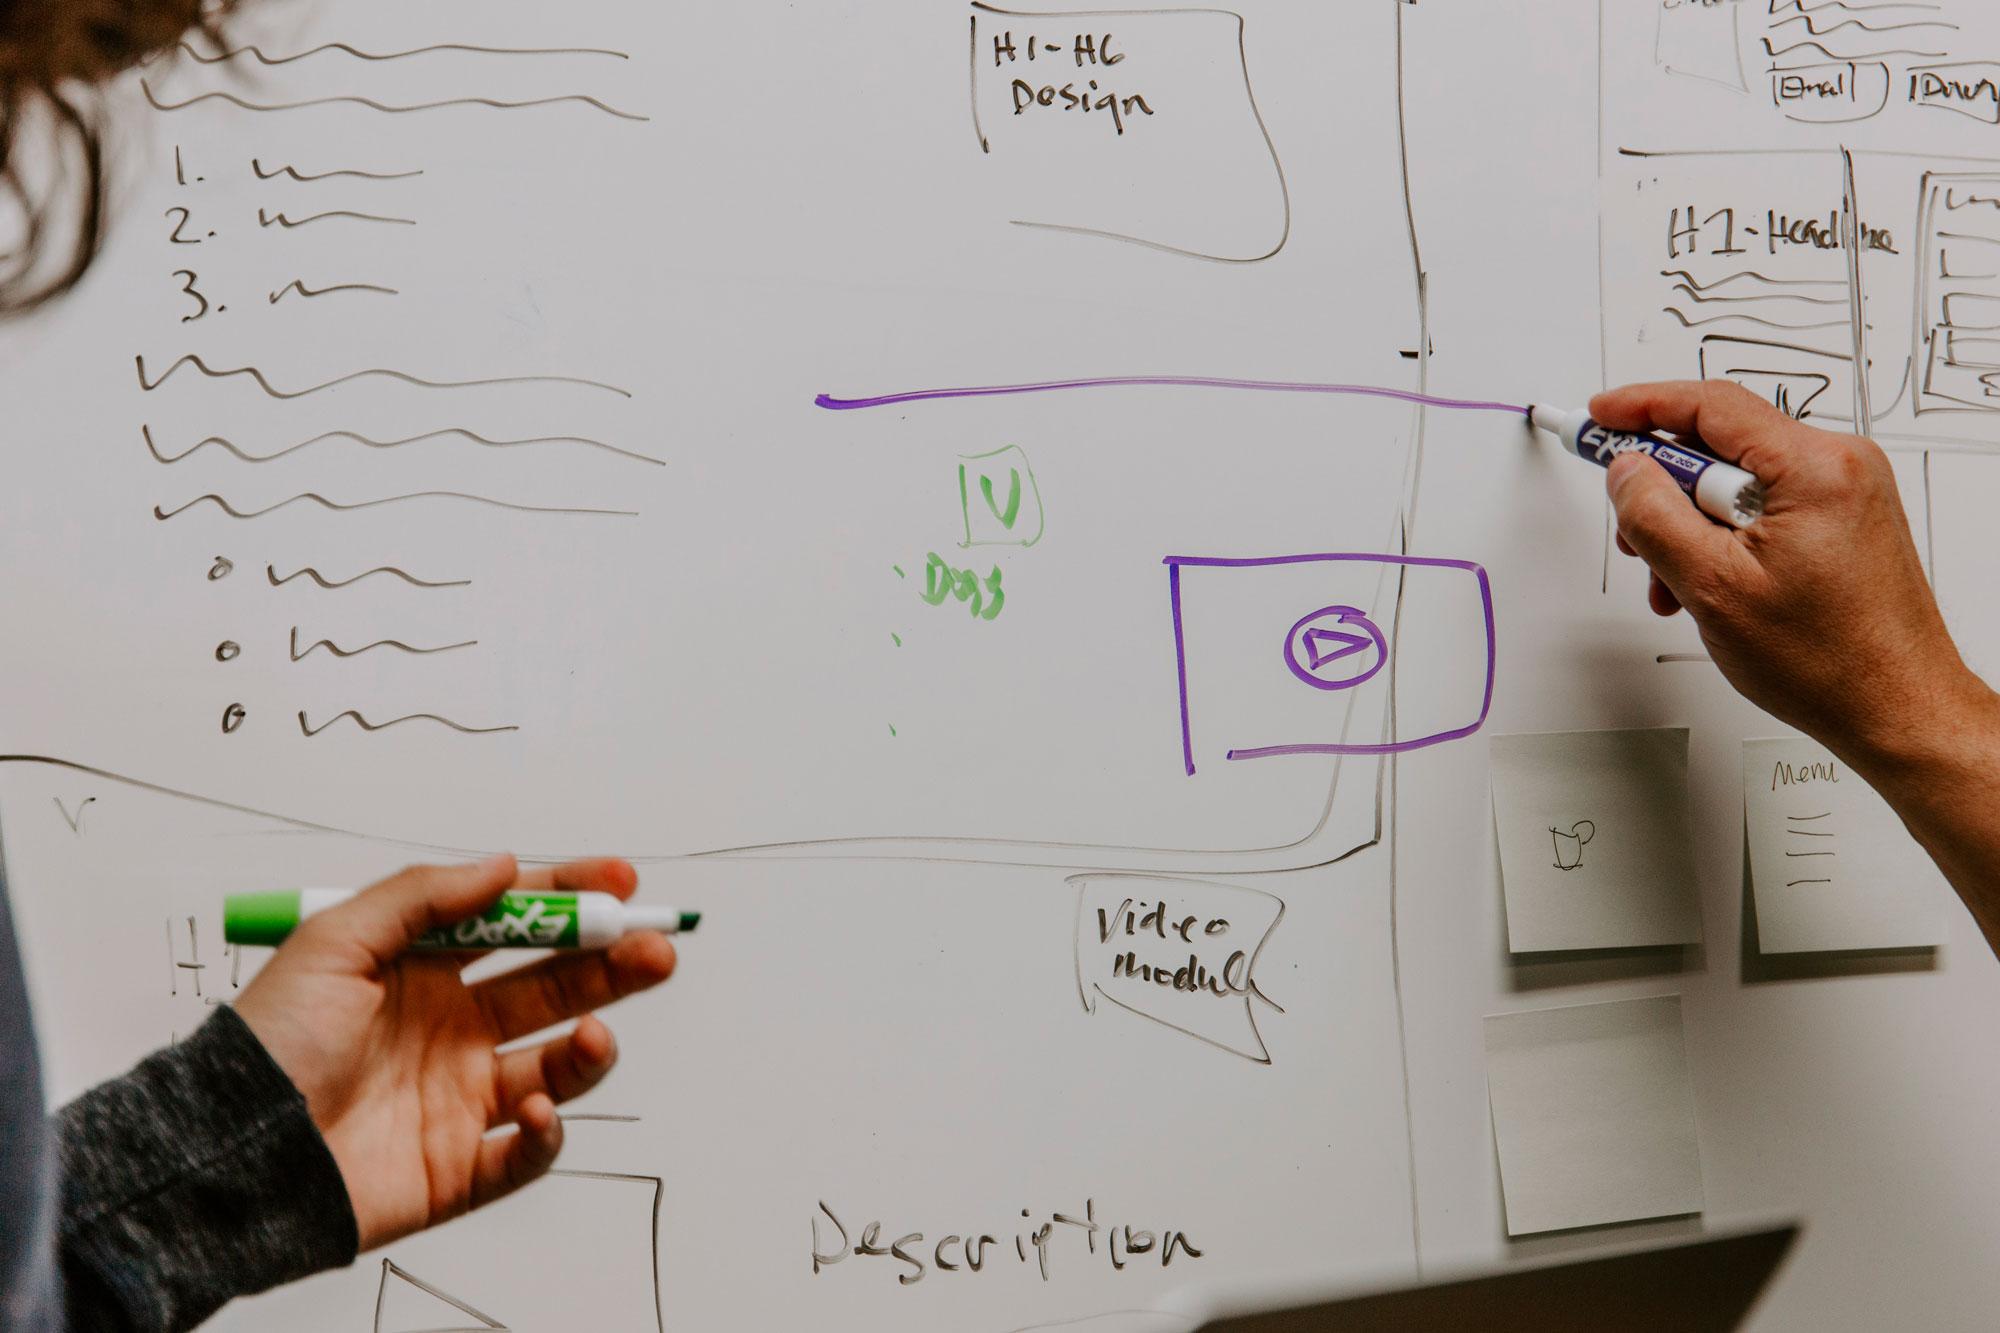 Le sketchnoting ou quand le croquis s'invite en réunion